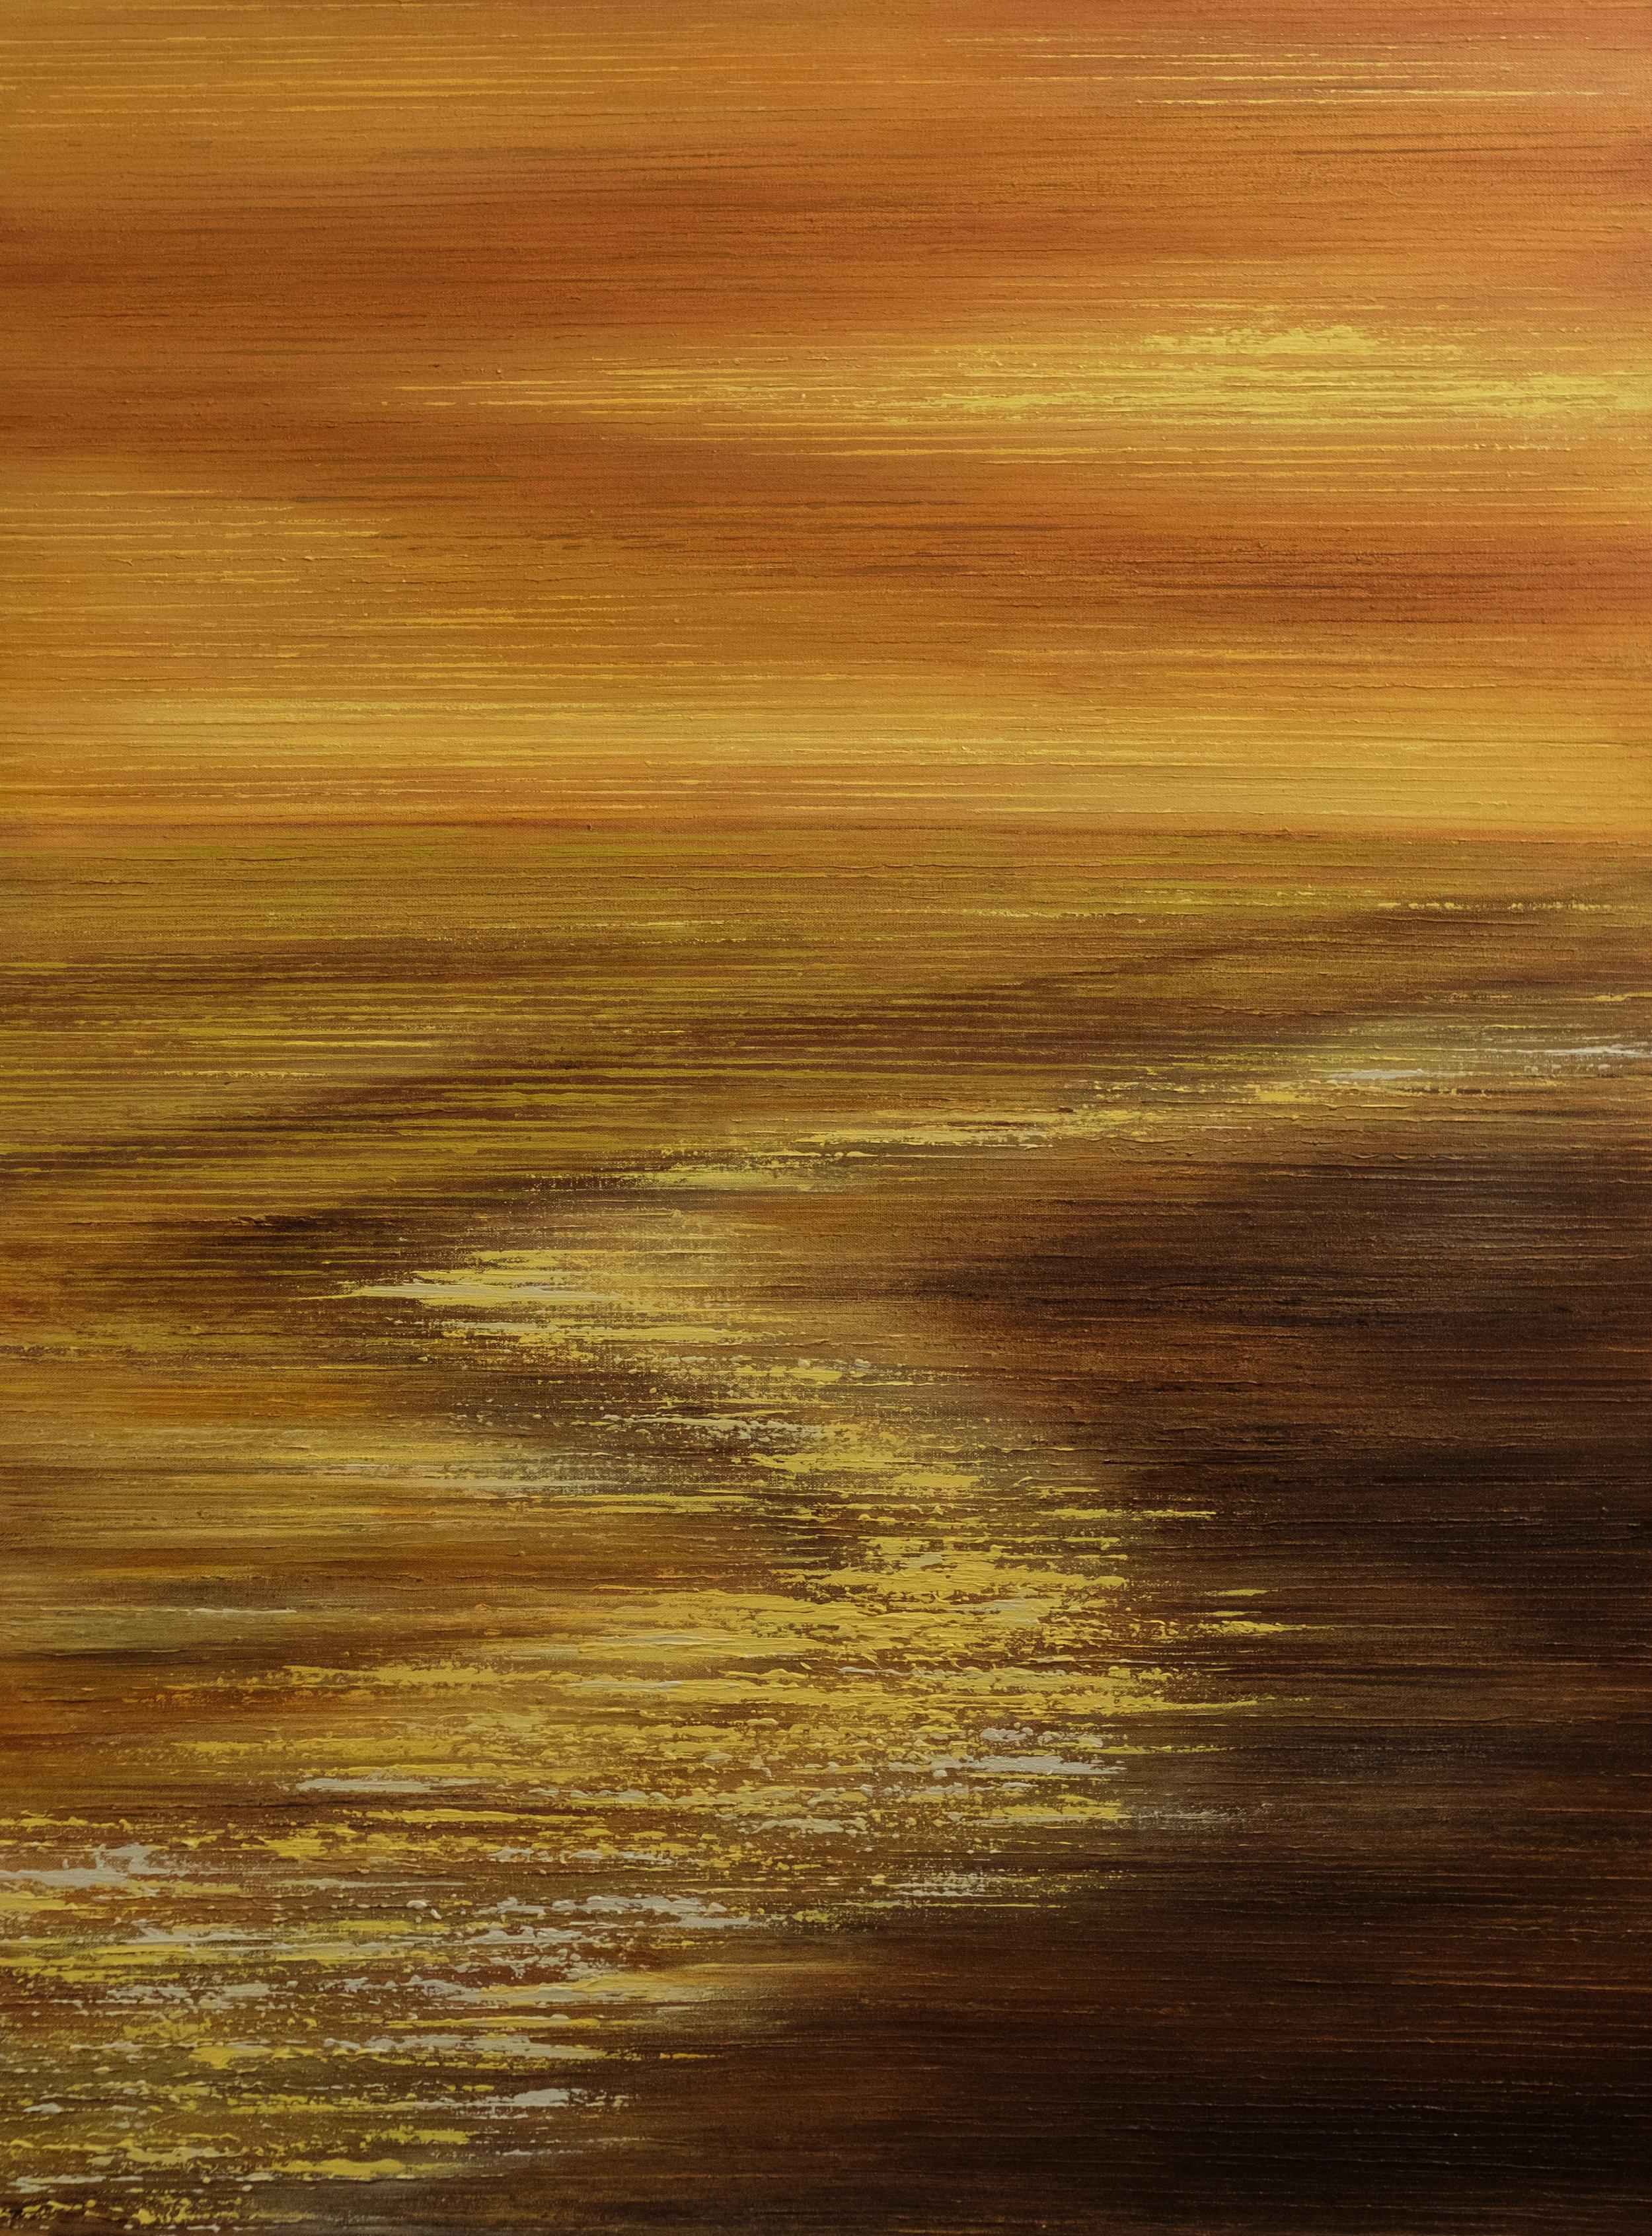 Seascape VI - Gold - 2015